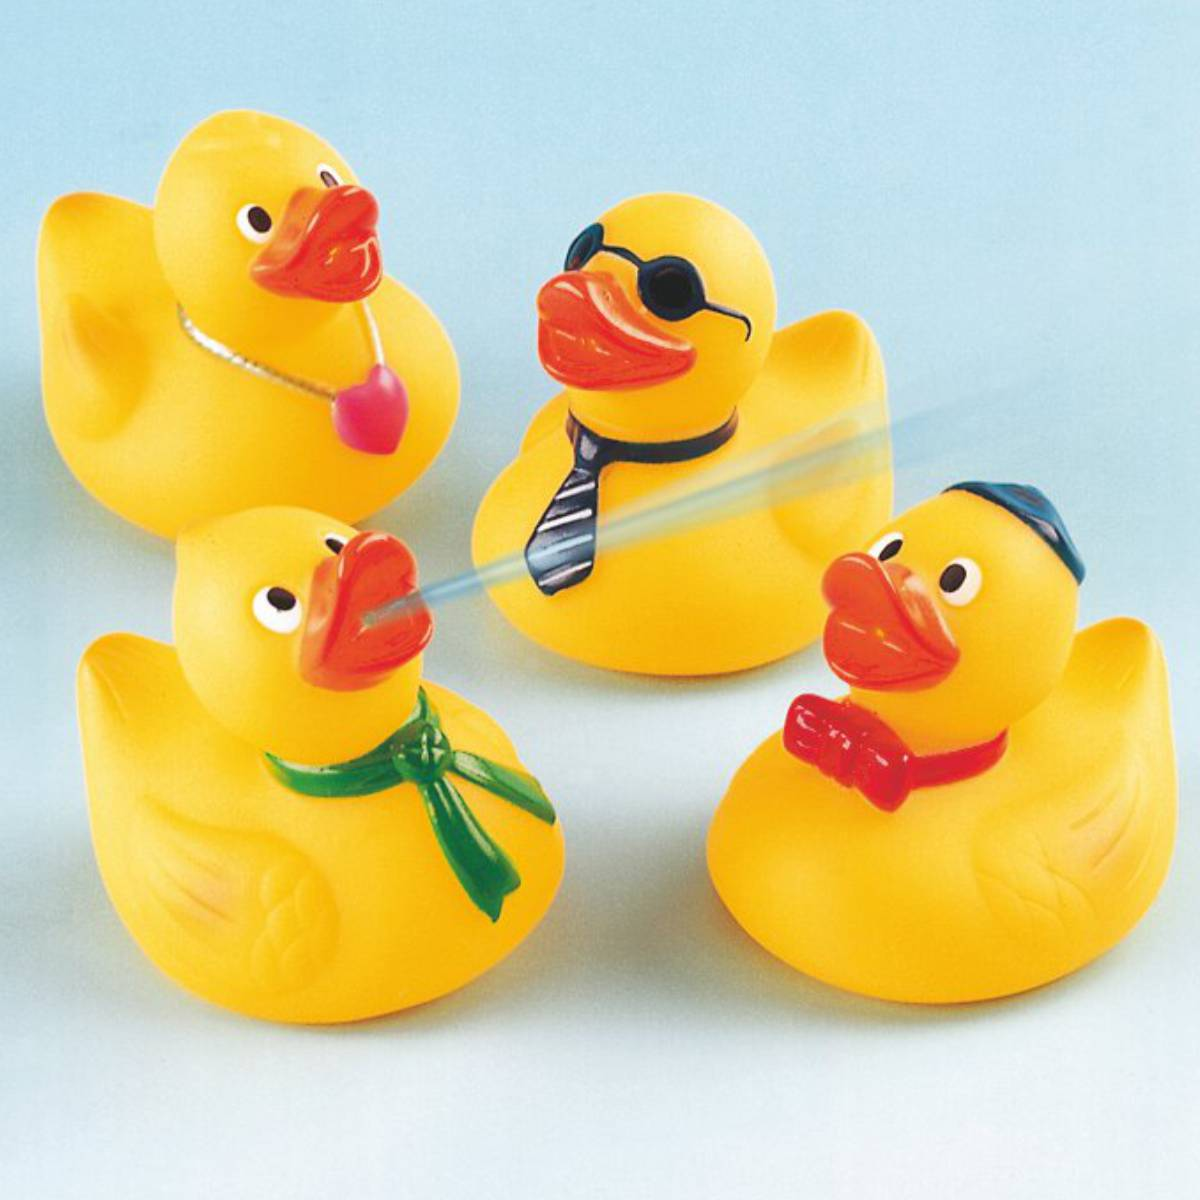 Wasserspritzer Knautsch-Enten